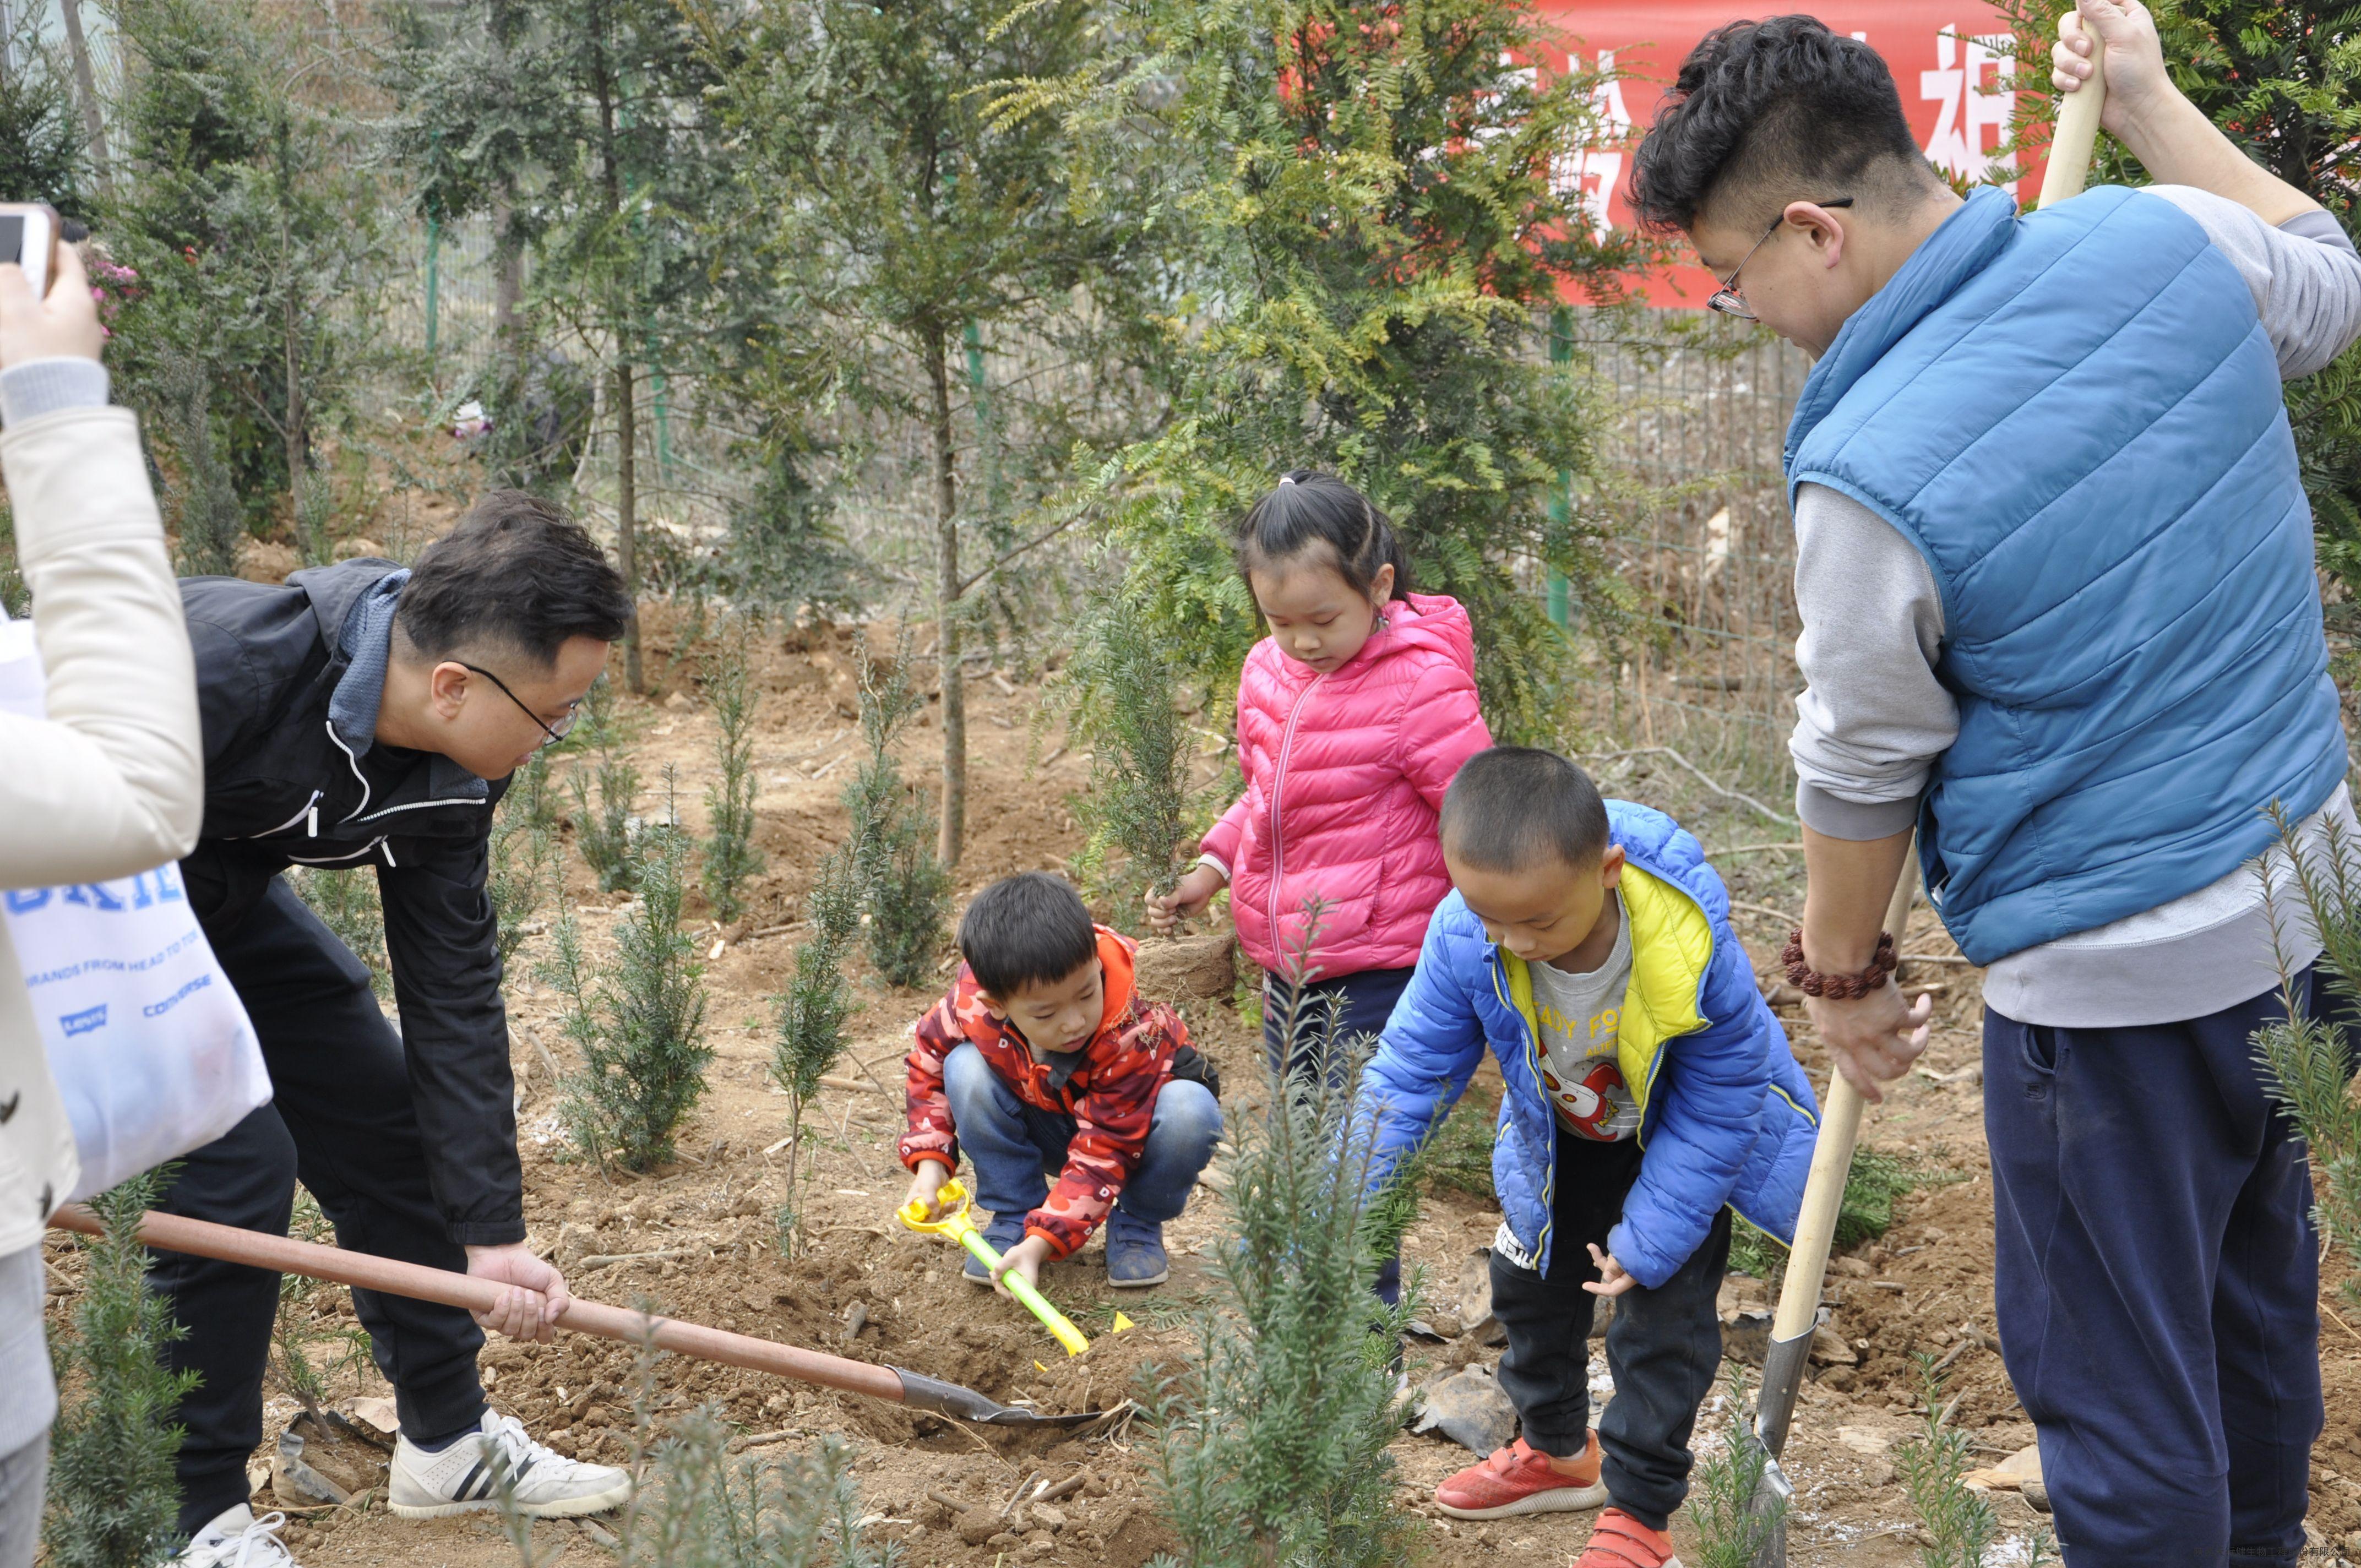 保护大自然 植树造林从小做起 ——天行健红豆杉蓝田园区亲子植树活动